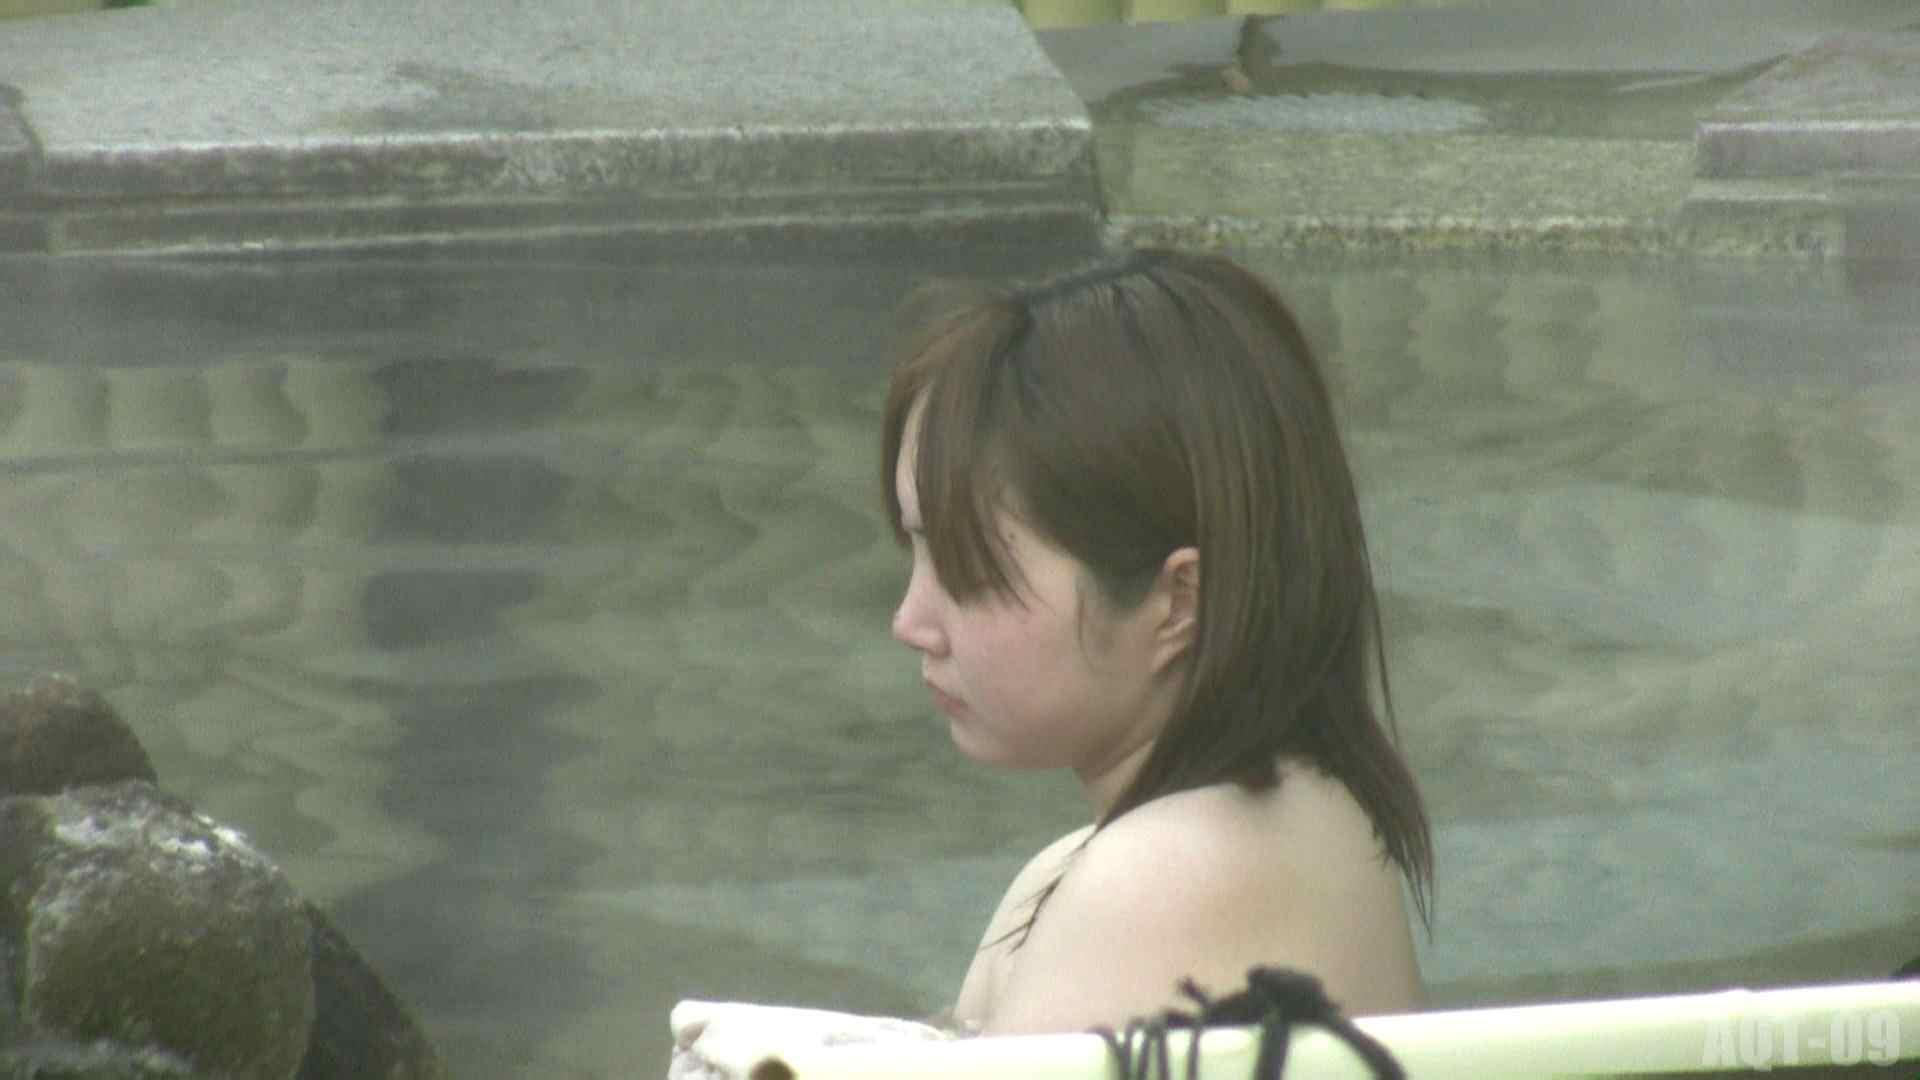 Aquaな露天風呂Vol.781 露天風呂  93連発 42